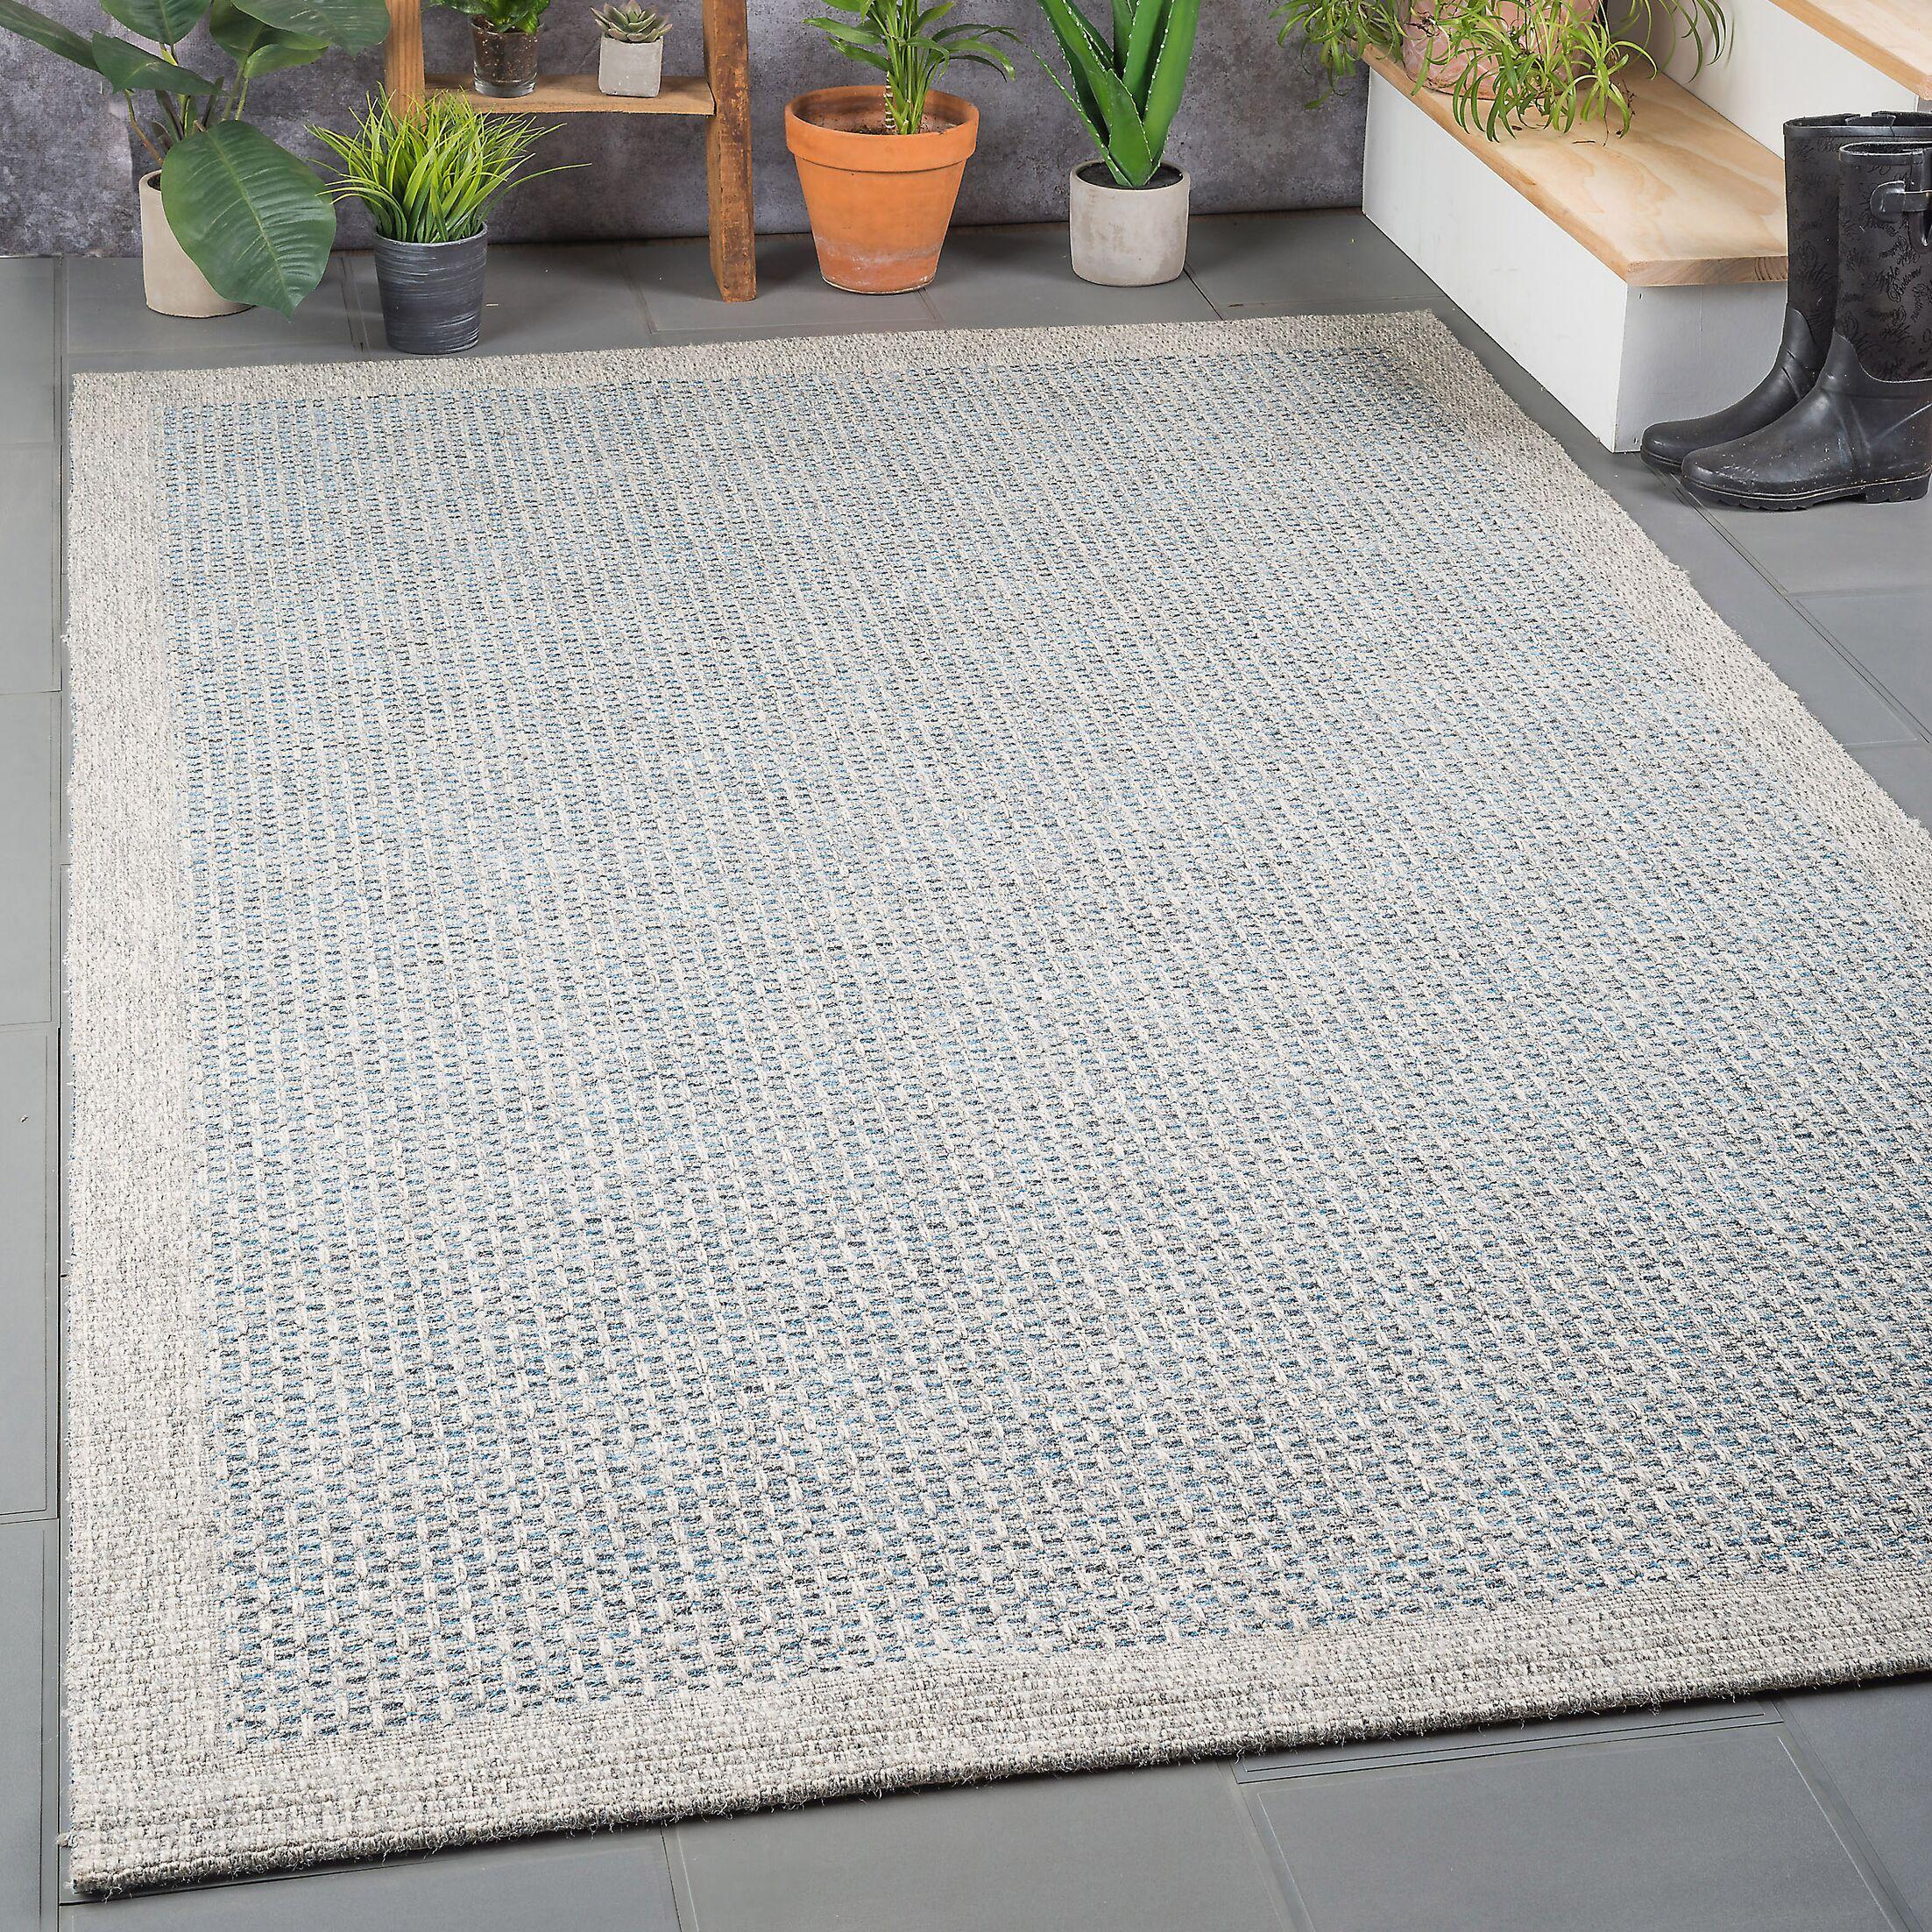 Felipe Blue/Gray Indoor/Outdoor Area Rug Rug Size: 7'2'' x 10'2''